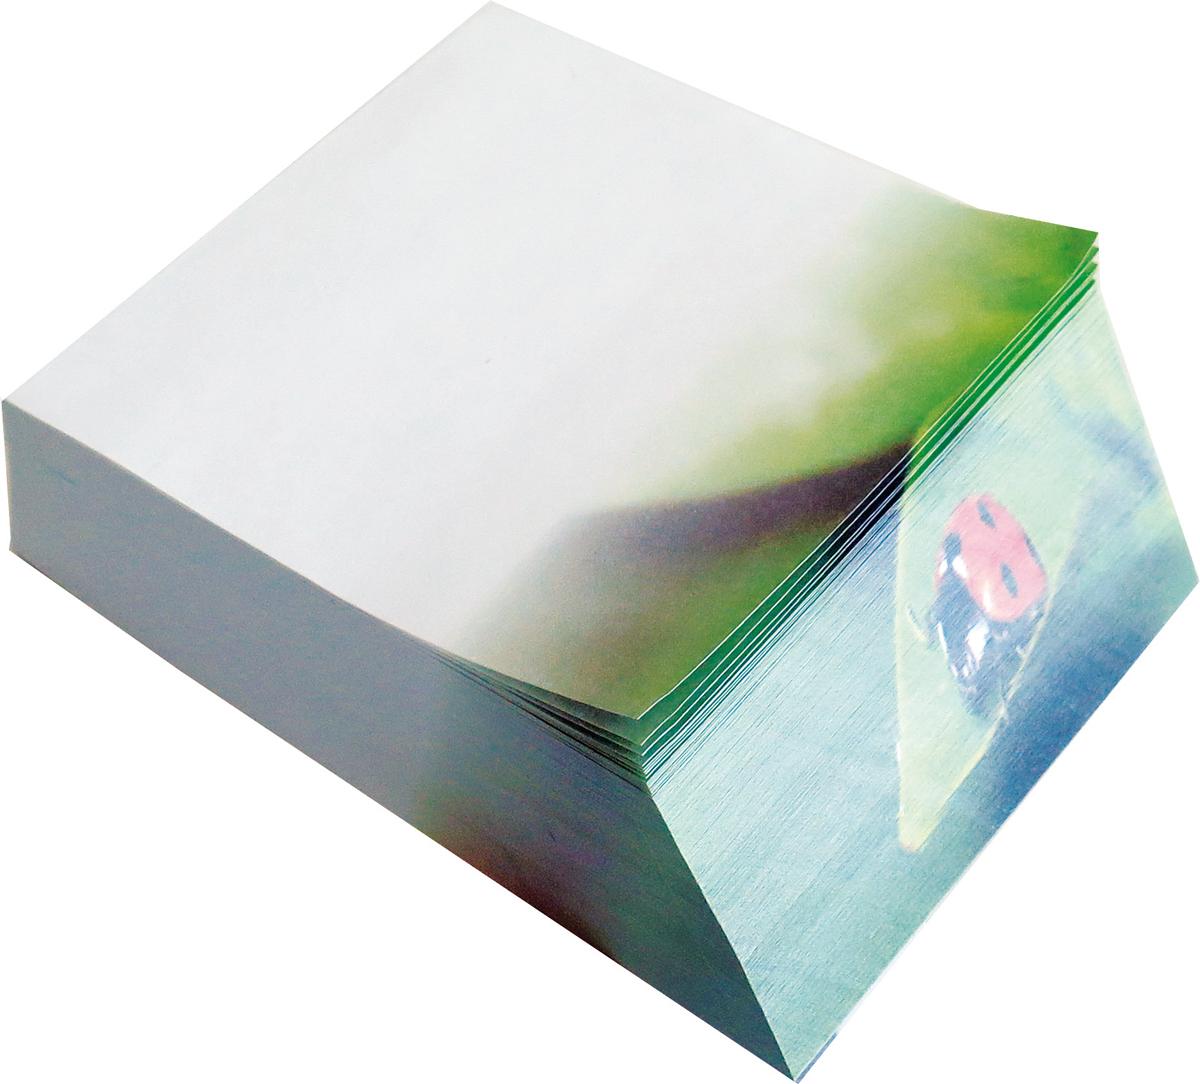 Фолиант Блок для записей Божья коровка 9 х 11 см 300 листовБКД-300С/18Блок бумаги Фолиант Божья коровка идеально подходит для быстрой фиксации информации. Блок бумаги выполнен с декоративным срезом, с проявлением отпечатанного изображения на торце.Блок бумаги изготовлен на картонной подложке, листы проклеены по торцу. Благодаря специальной проклейки, листы блока не рассыпаются. Порядок на столе гарантирован. Печать на листах добавит вам хорошего настроения. Особенности - наличие декоративного среза; листы склеены в блок.